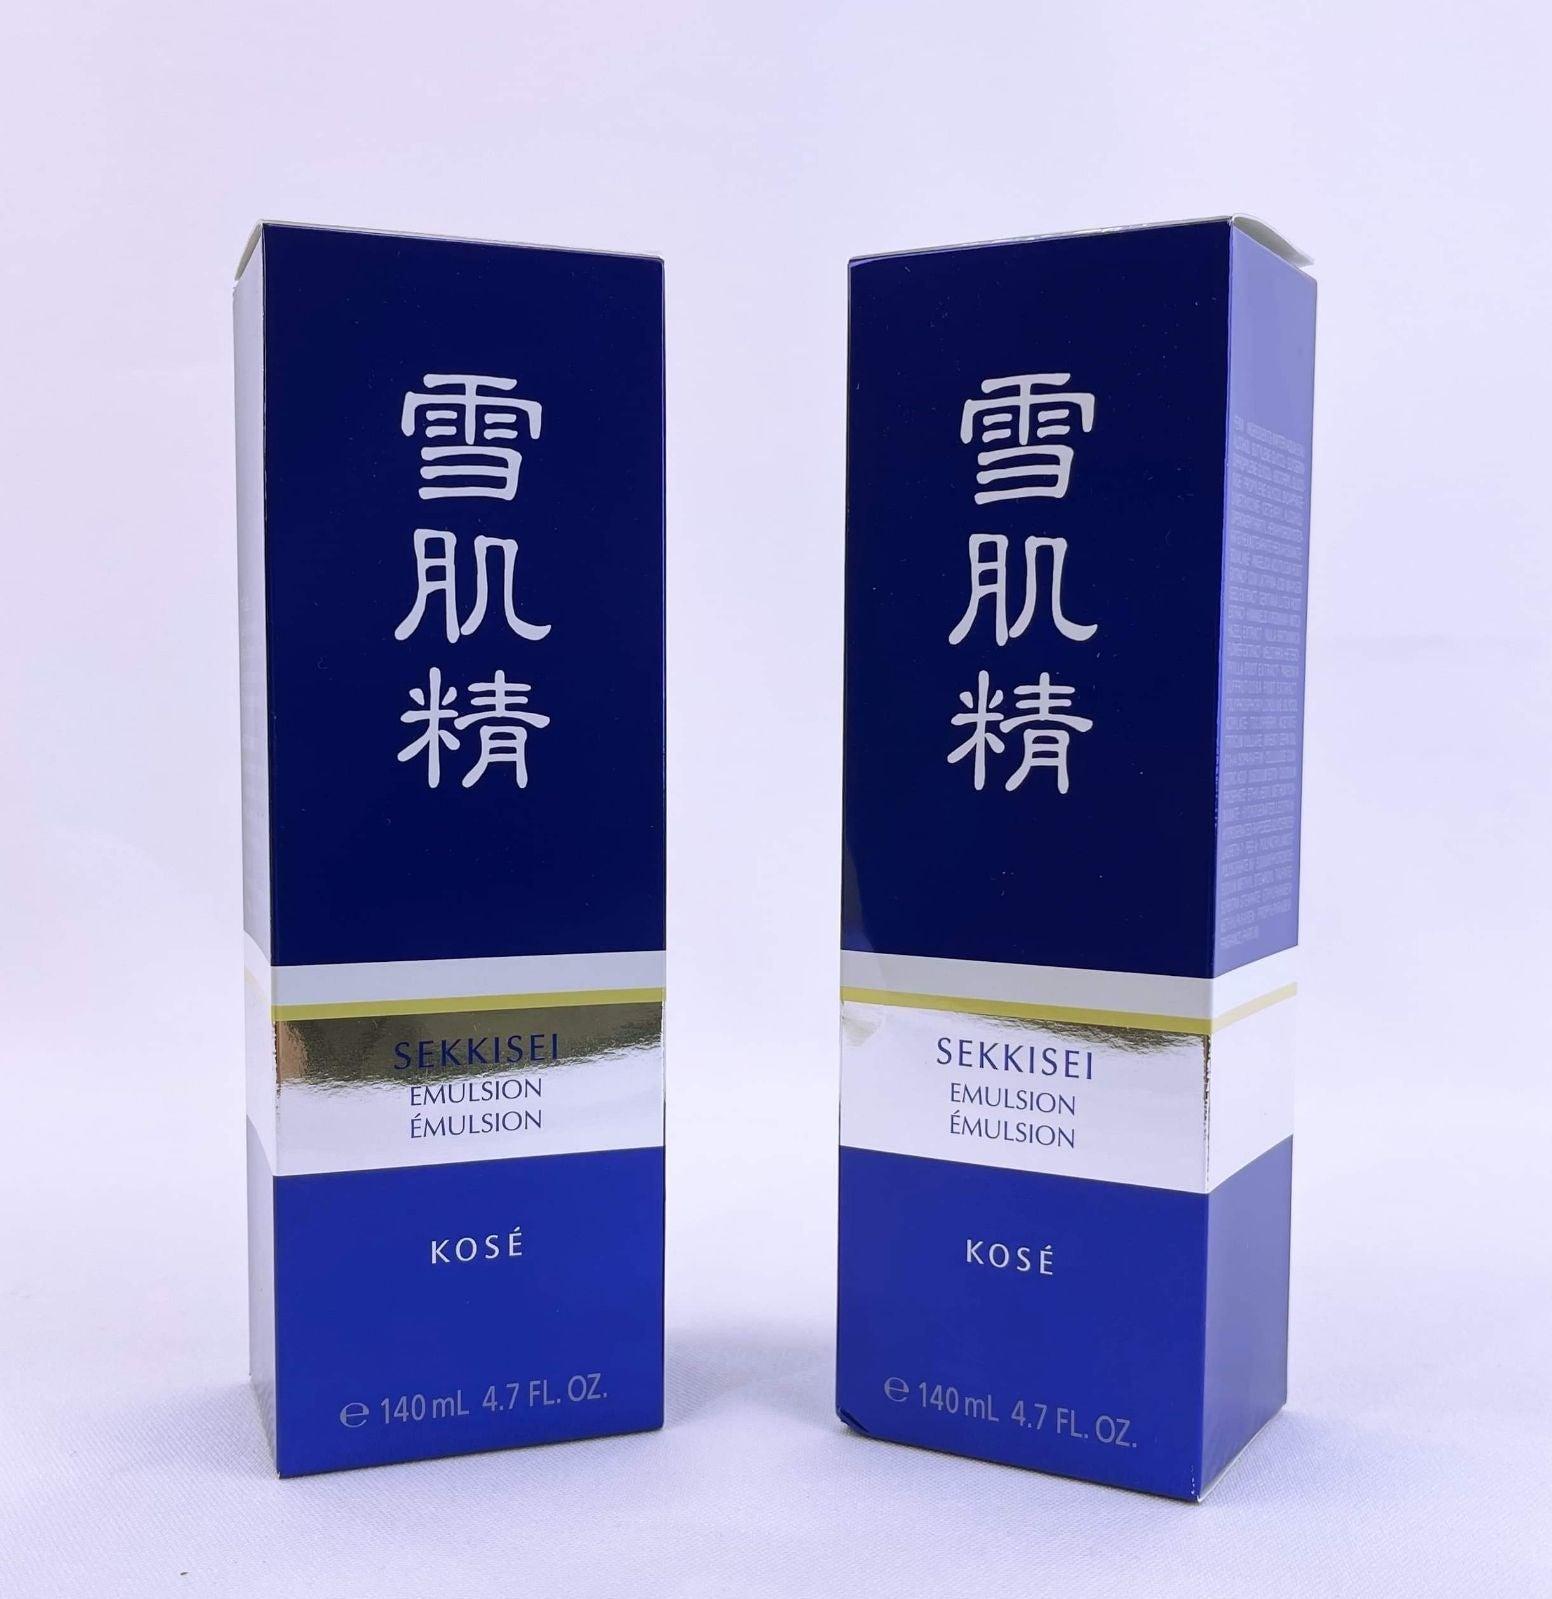 SEKKISEI Emulsion Moisturizer, 4.7 fl oz